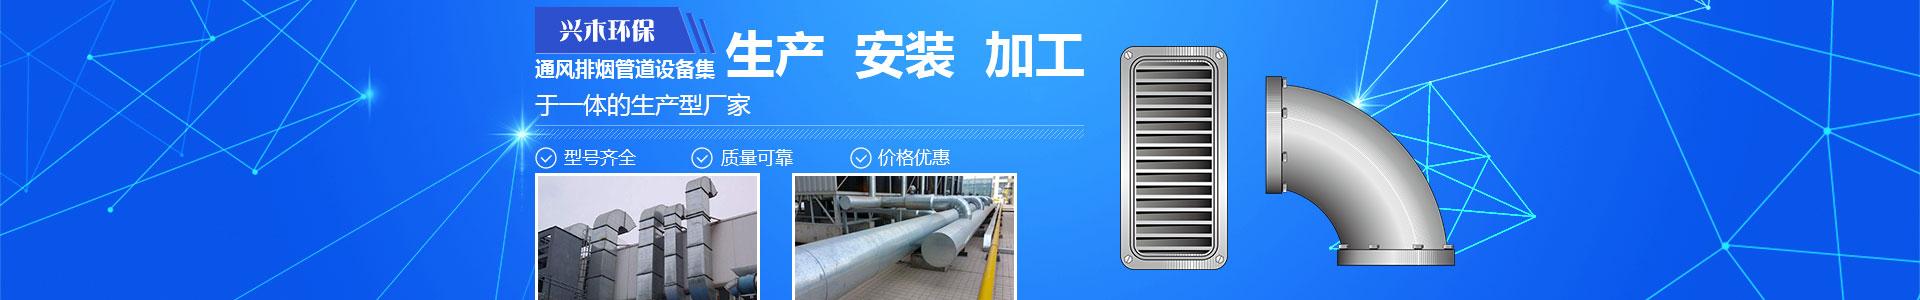 重庆白铁通风管道